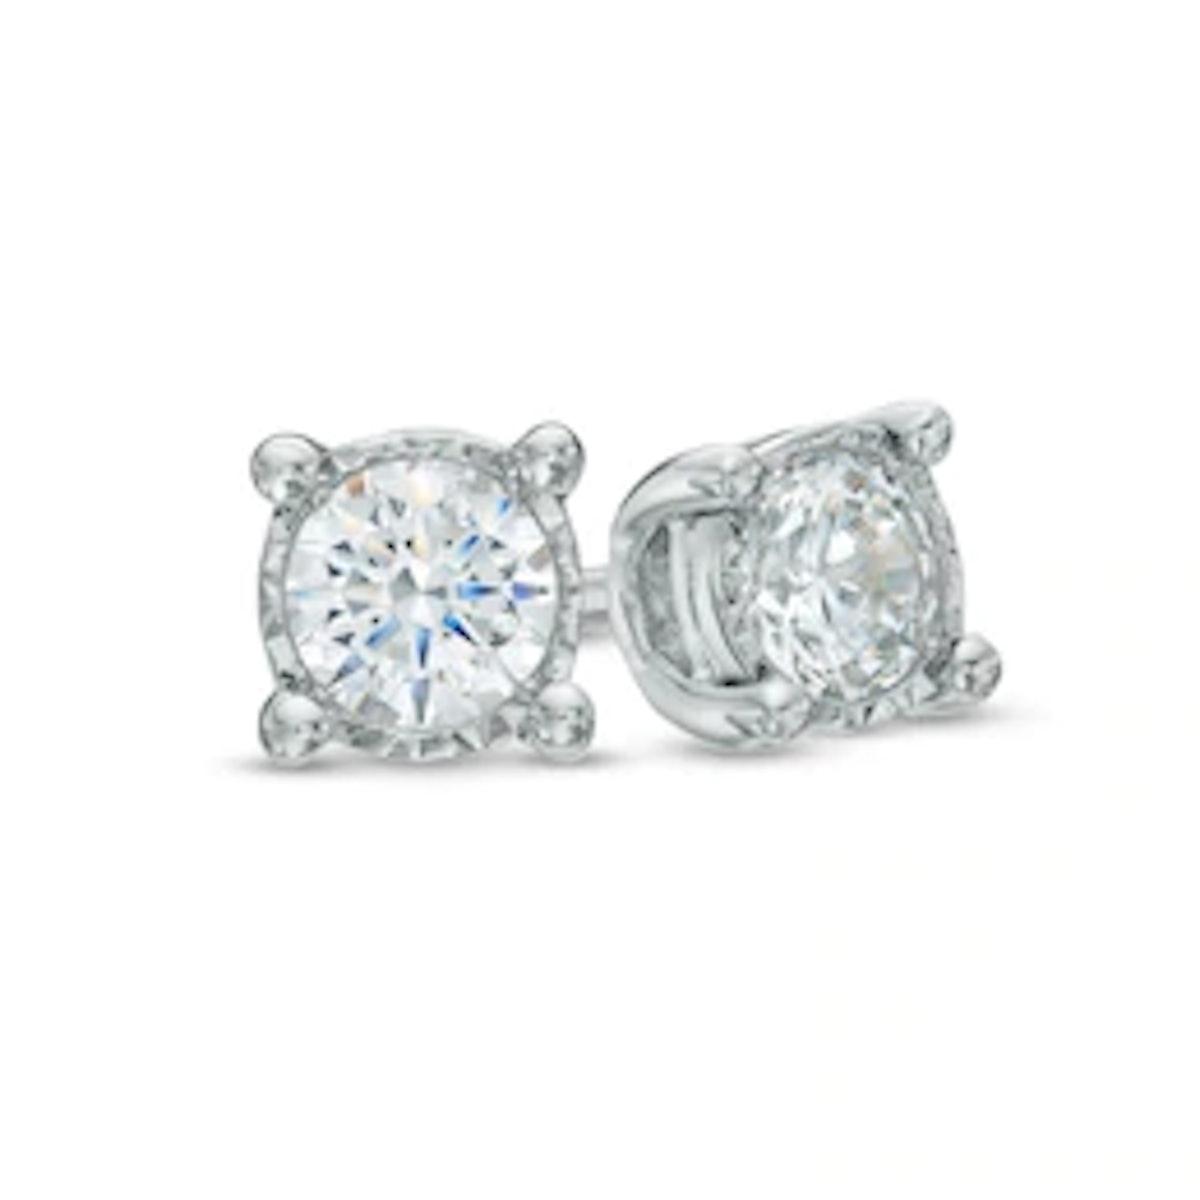 Zales Diamond Solitaire Stud Earrings in Sterling Silver